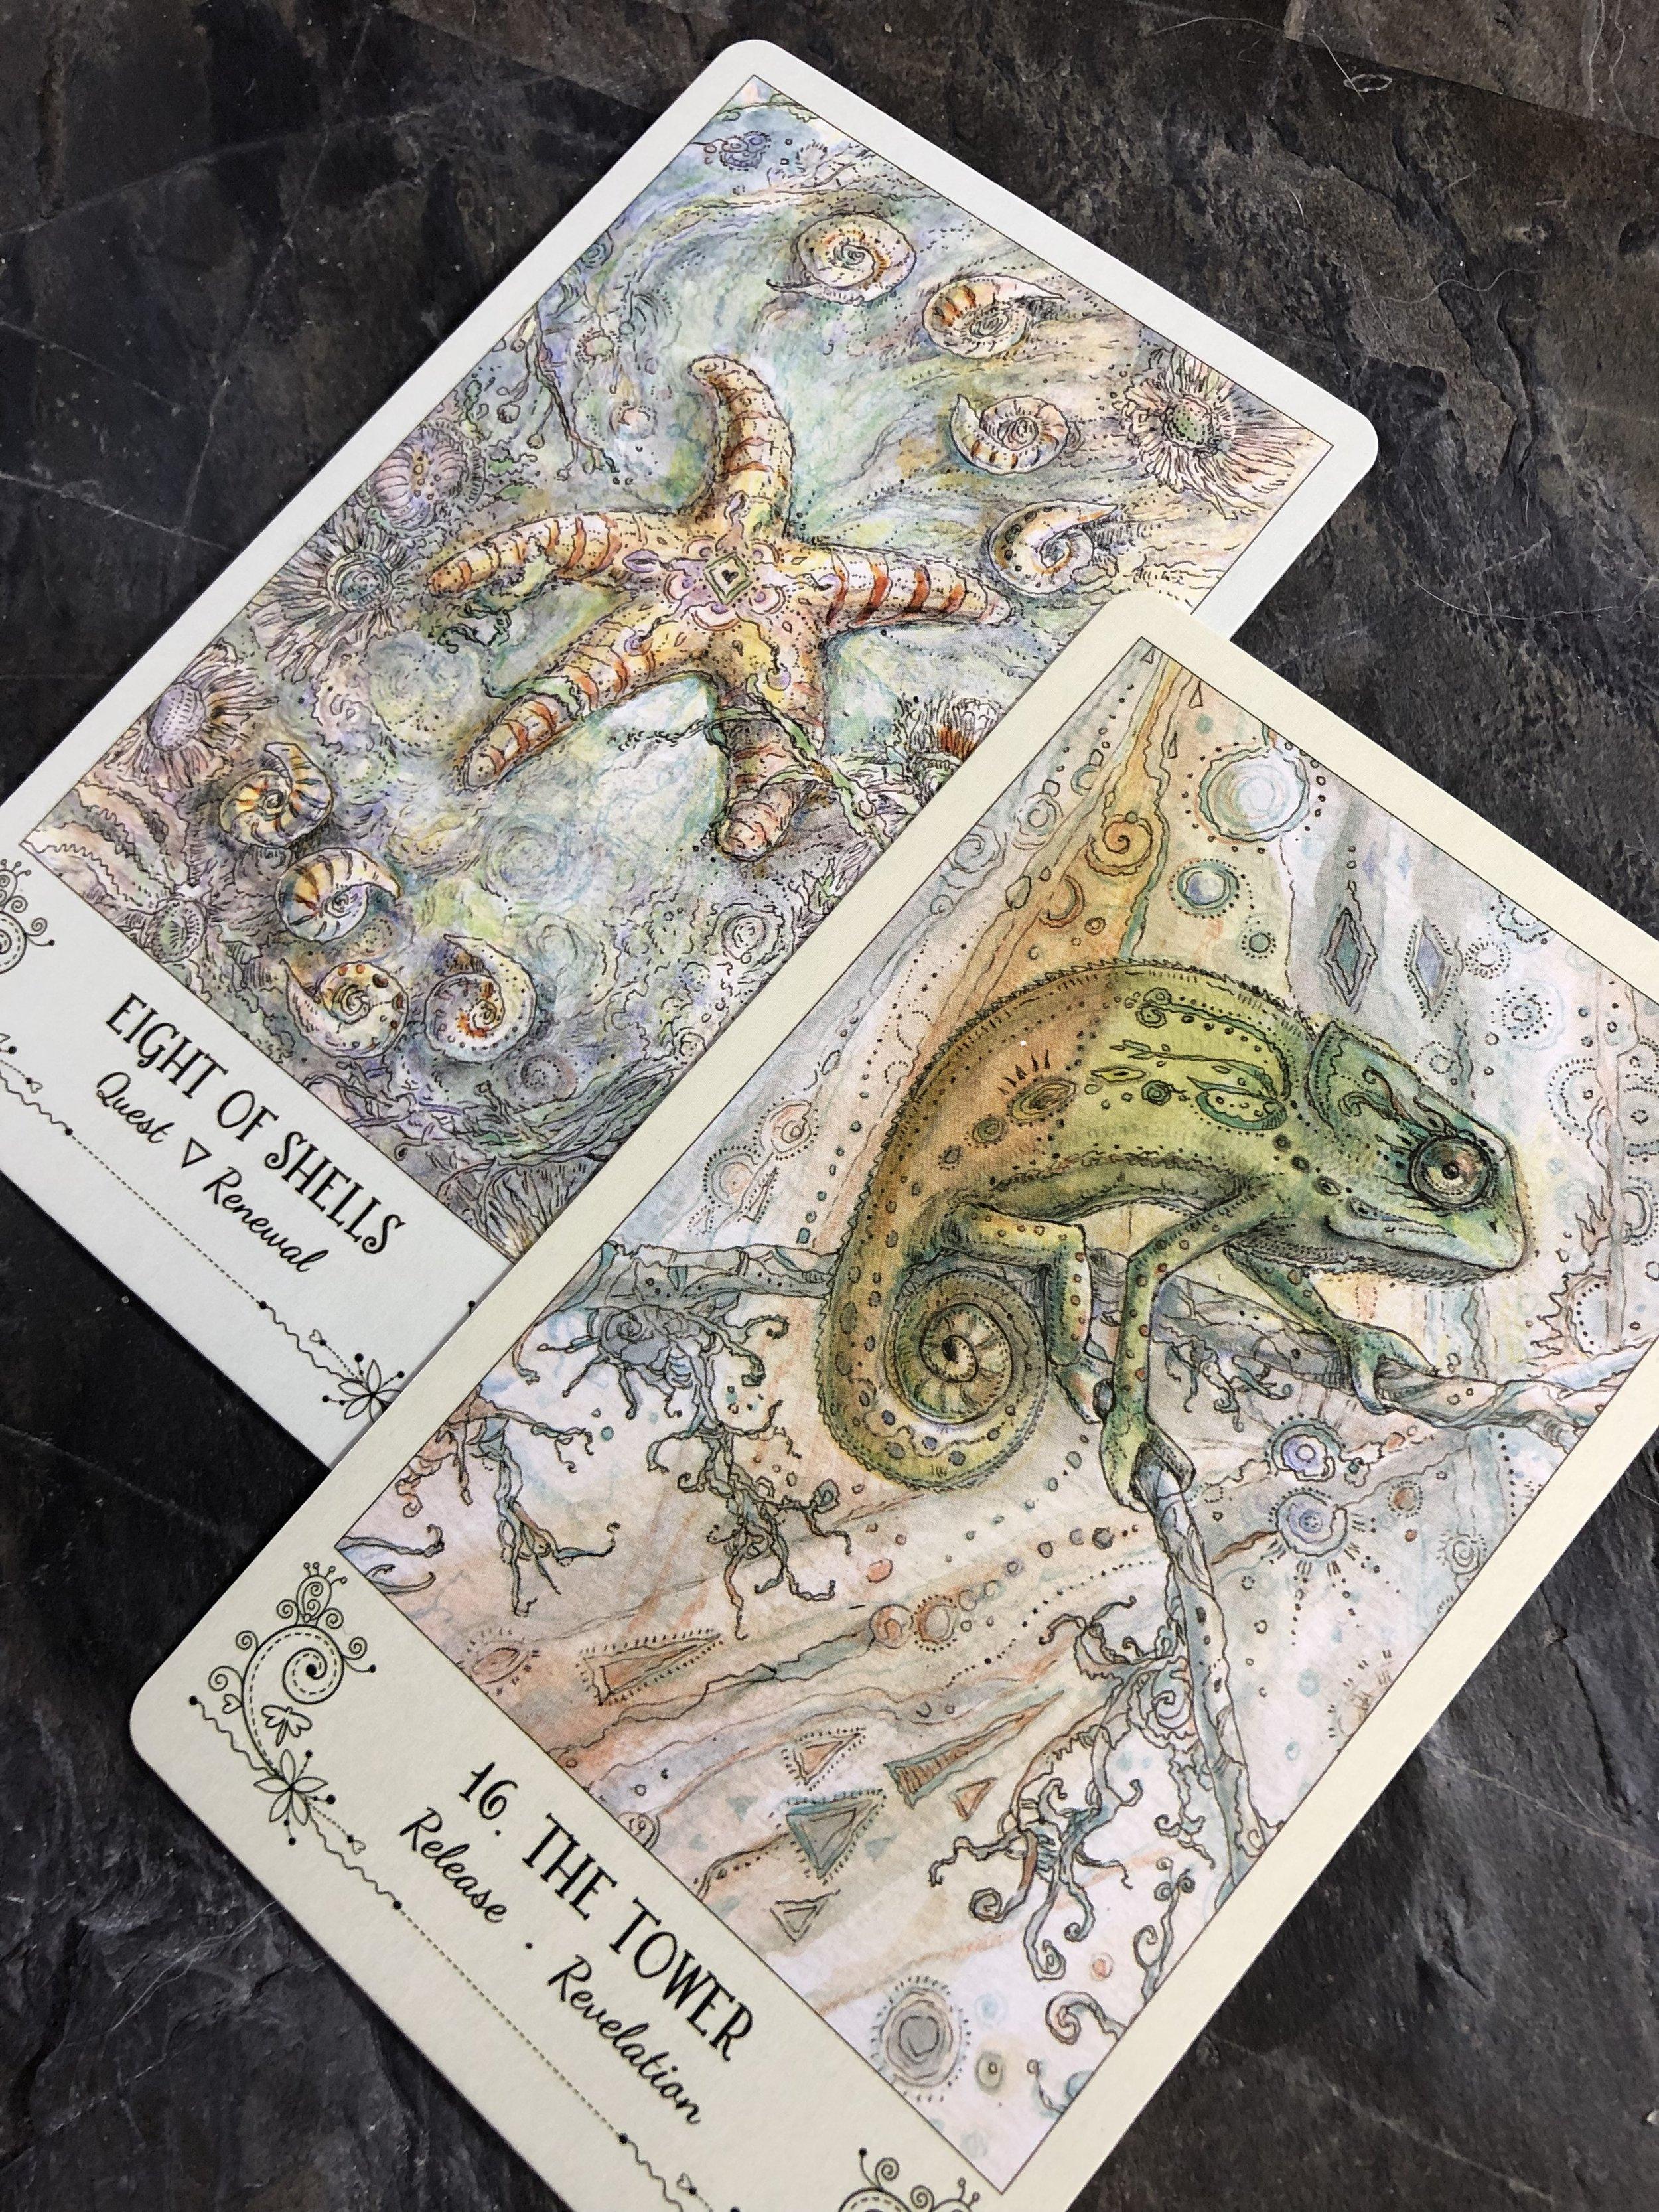 The SpiritSong Tarot